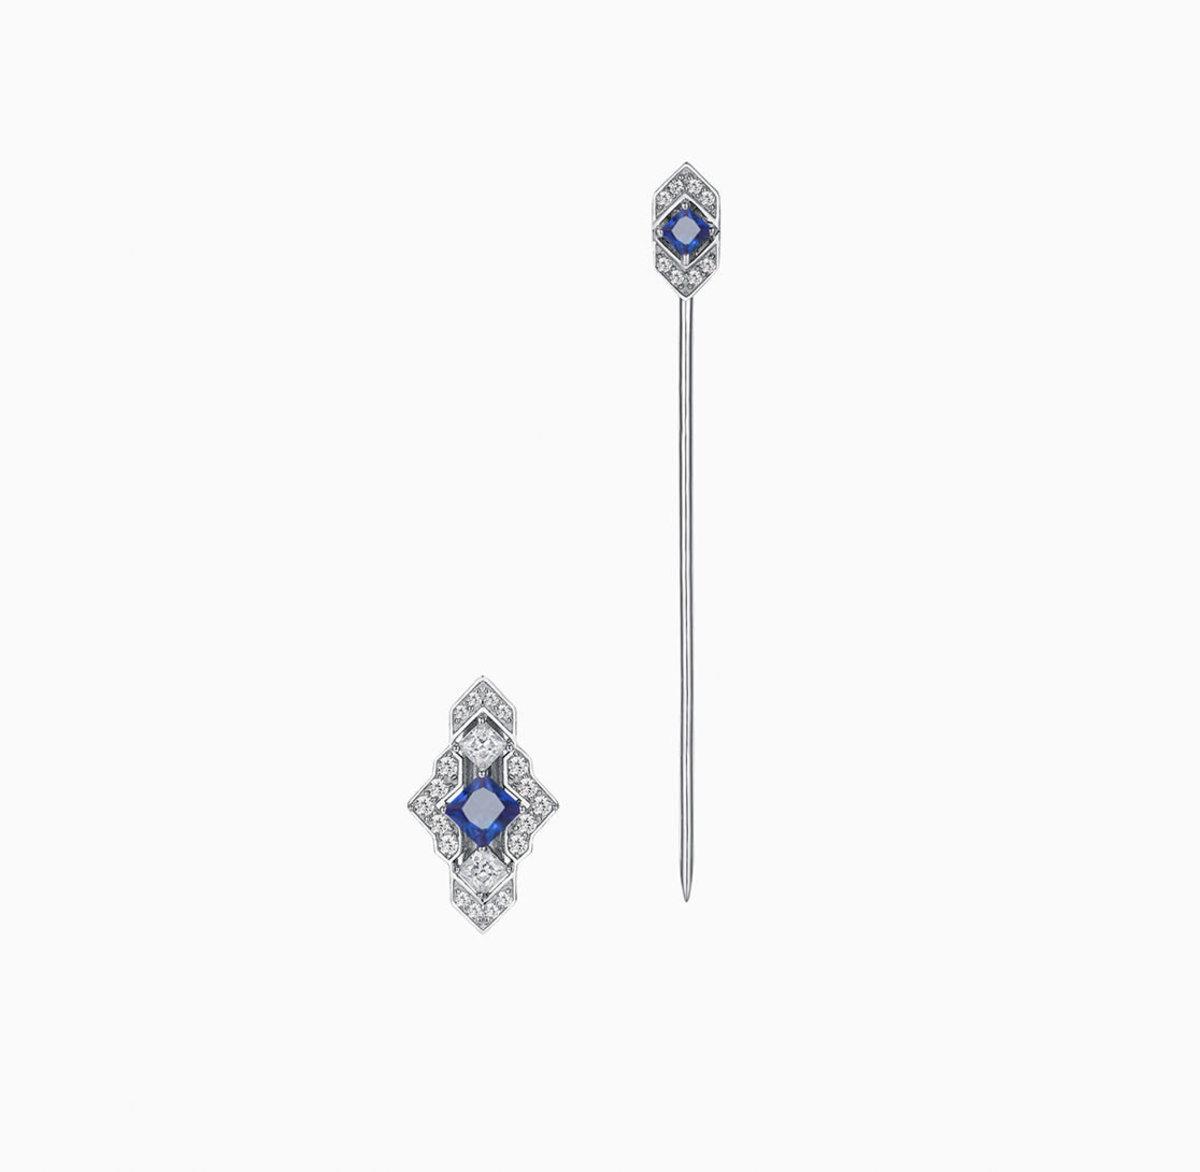 Castle Double wear Earring/Brooch